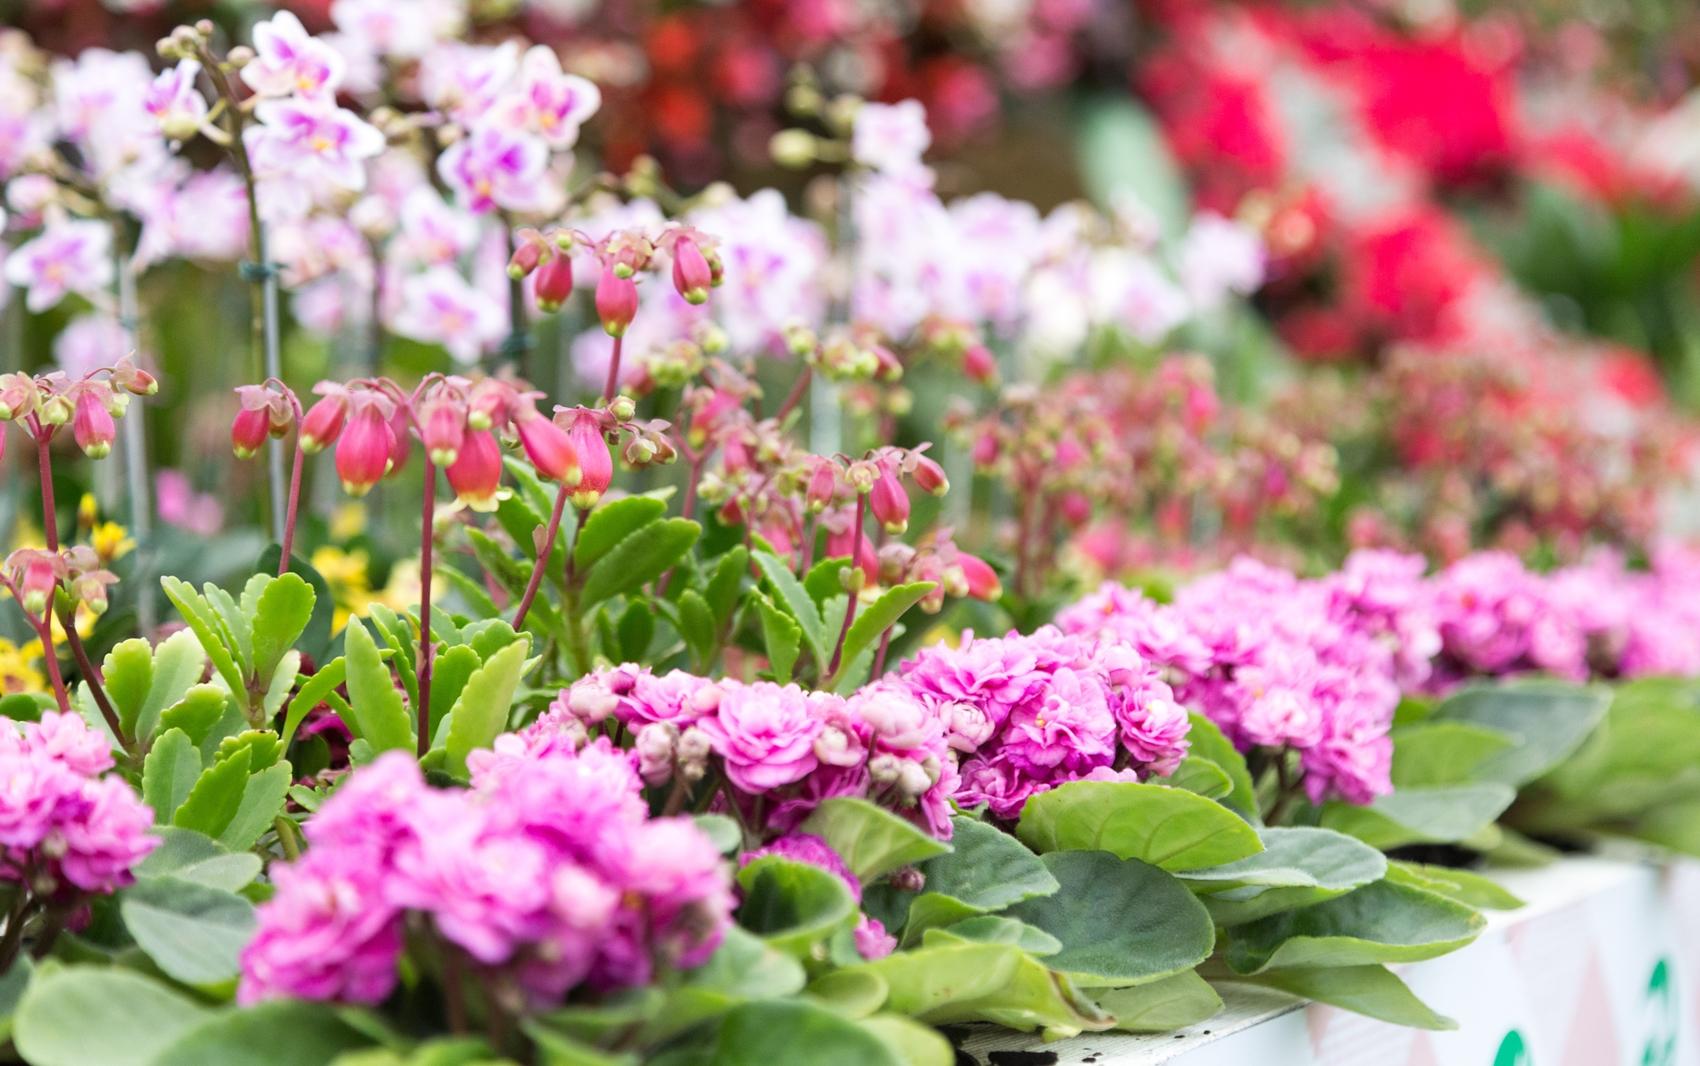 O pavilhão da Expo Aflord está enfeitado com mais de 200 tipos de flores e 15 mil vasos